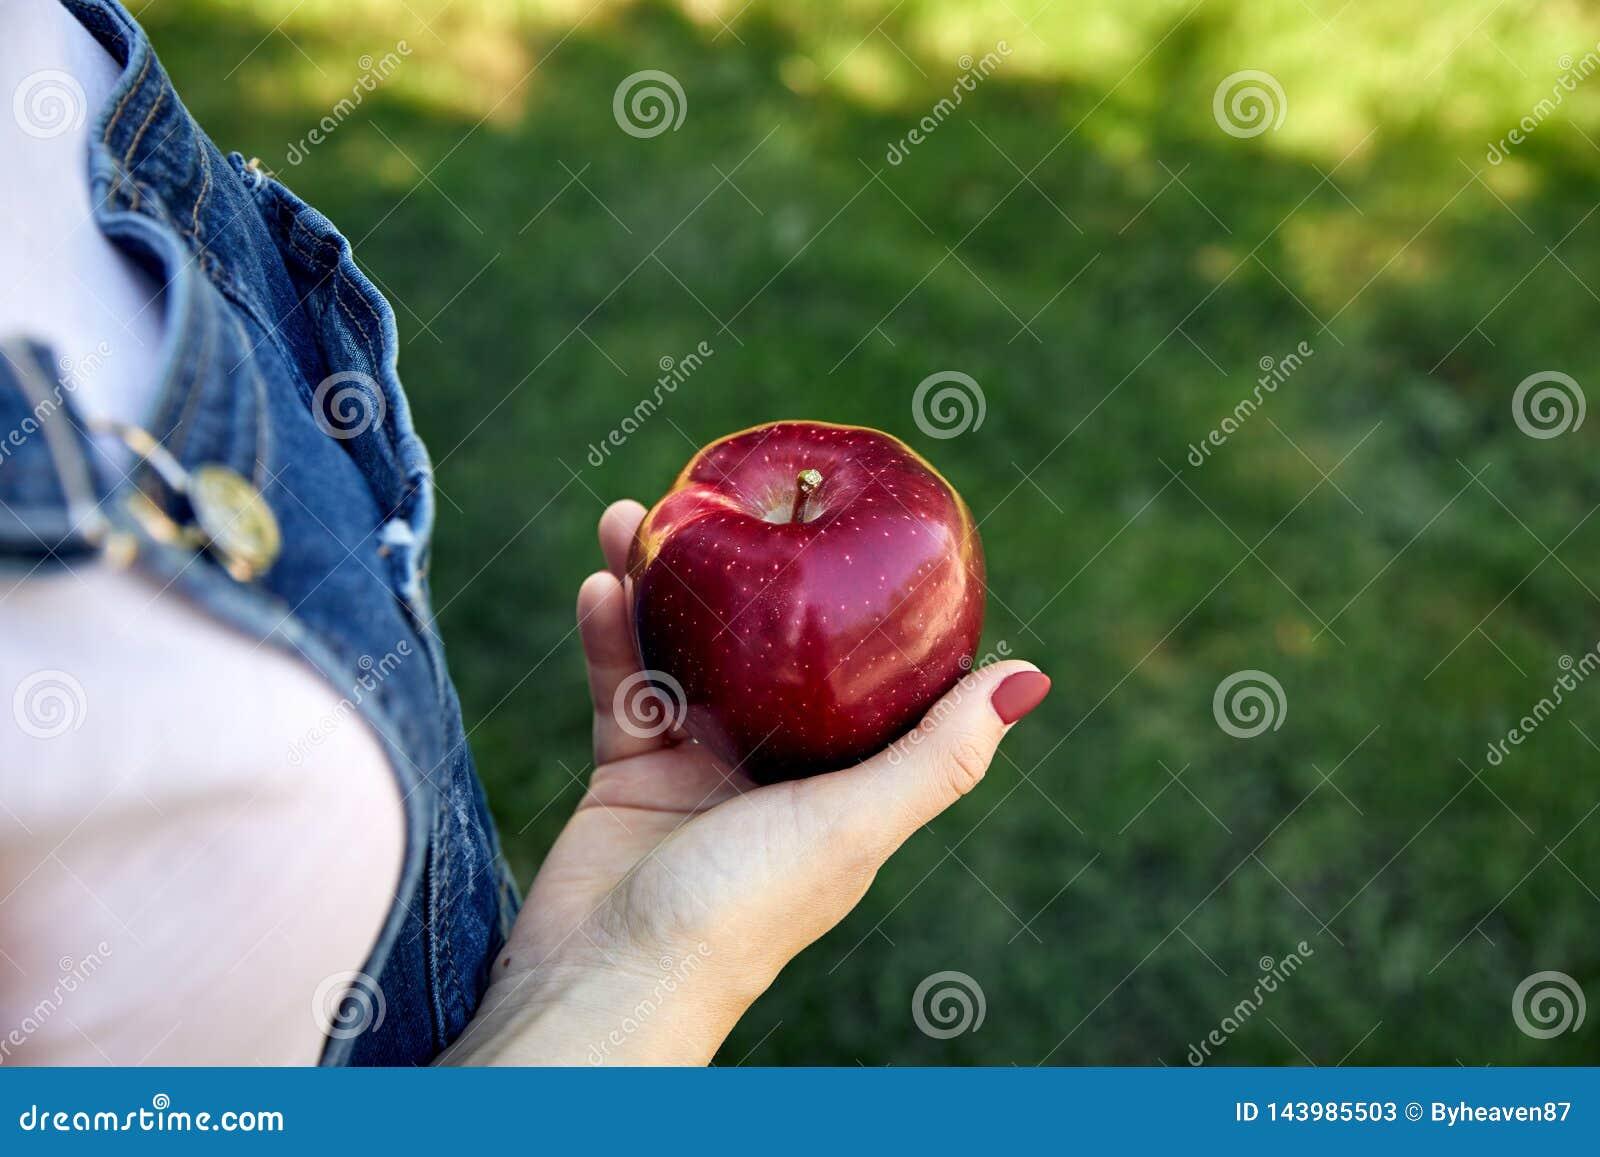 Зрелое красное яблоко в руке